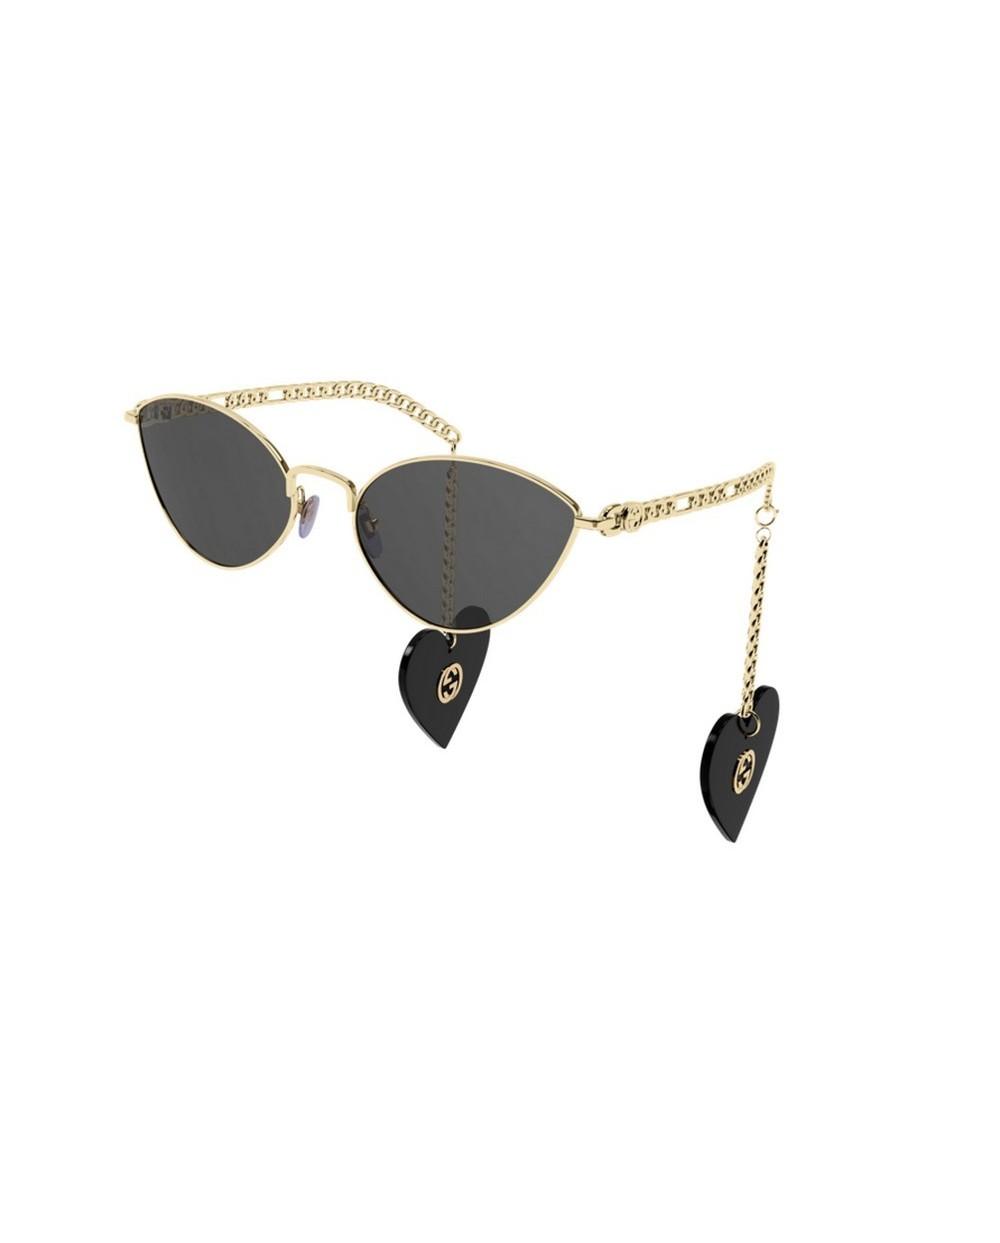 Occhiale da sole Gucci GG 0977S originale garanzia italia